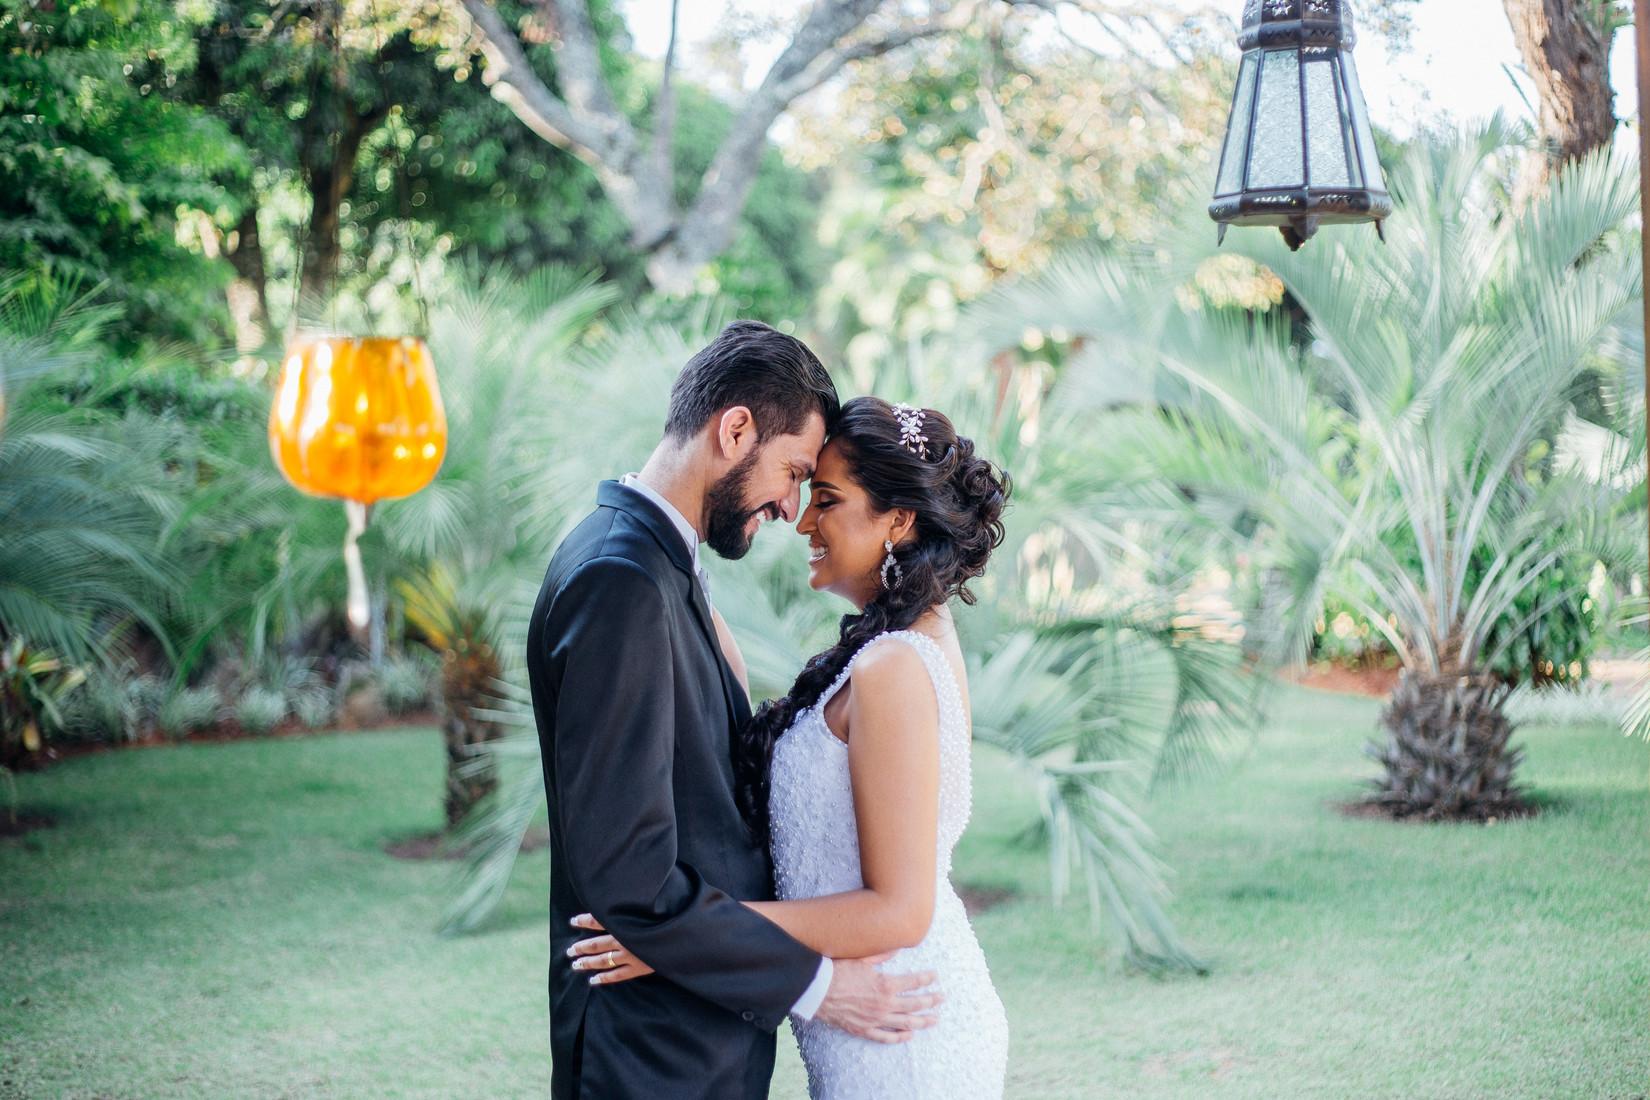 Contate Filipe Abras Fotografia e Vídeo de Casamentos